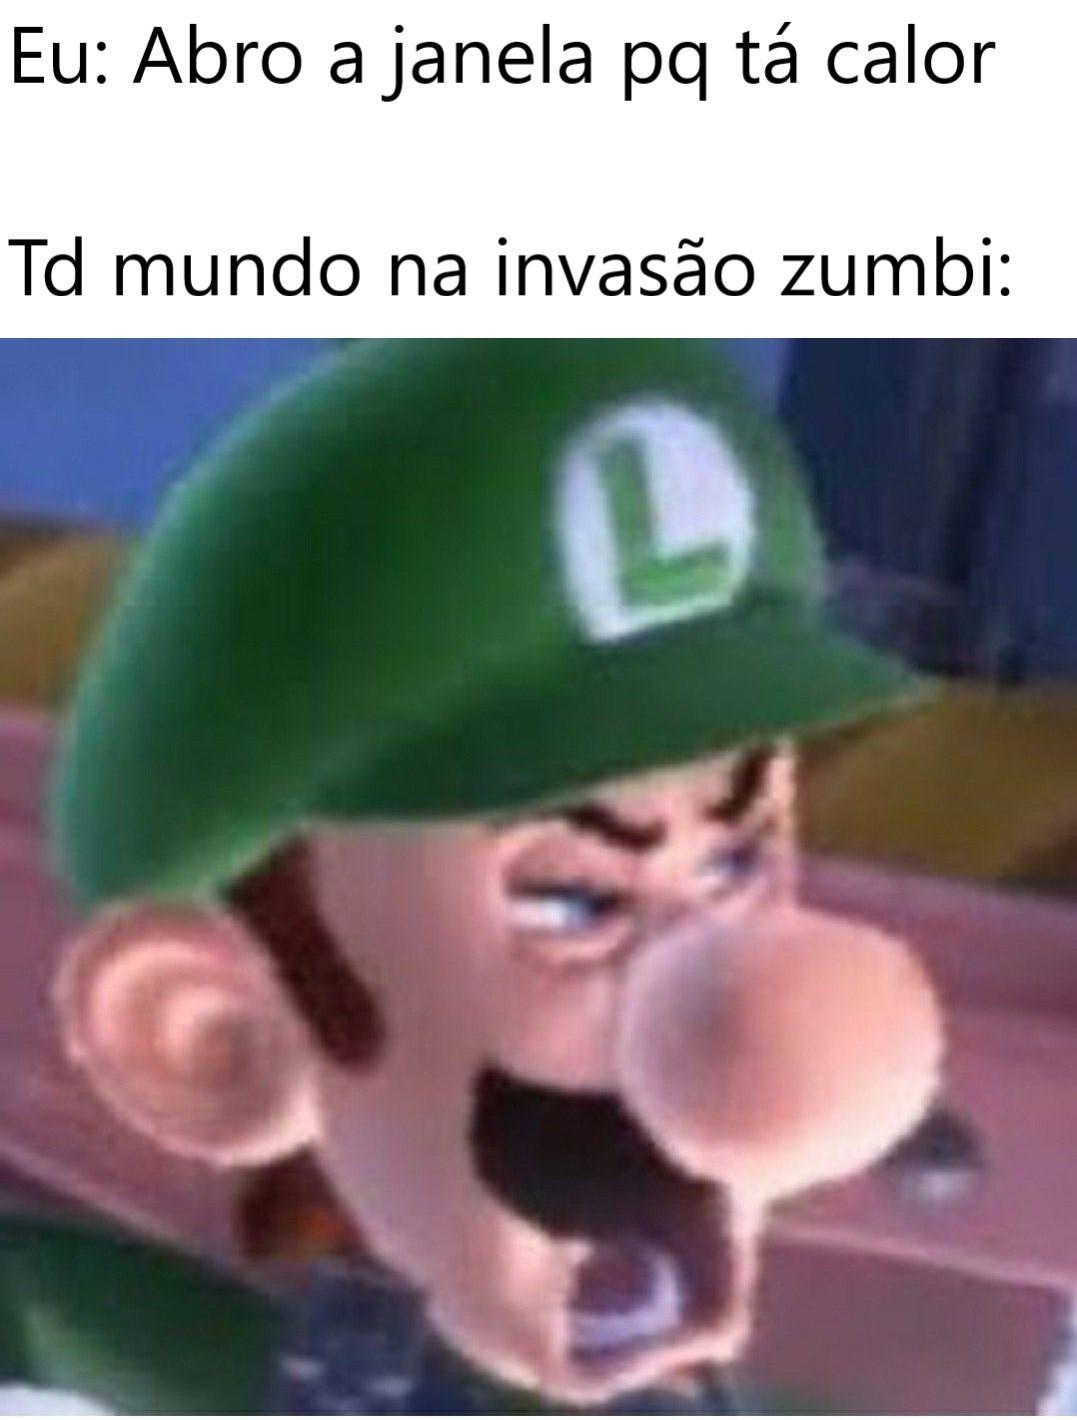 Mas q - meme